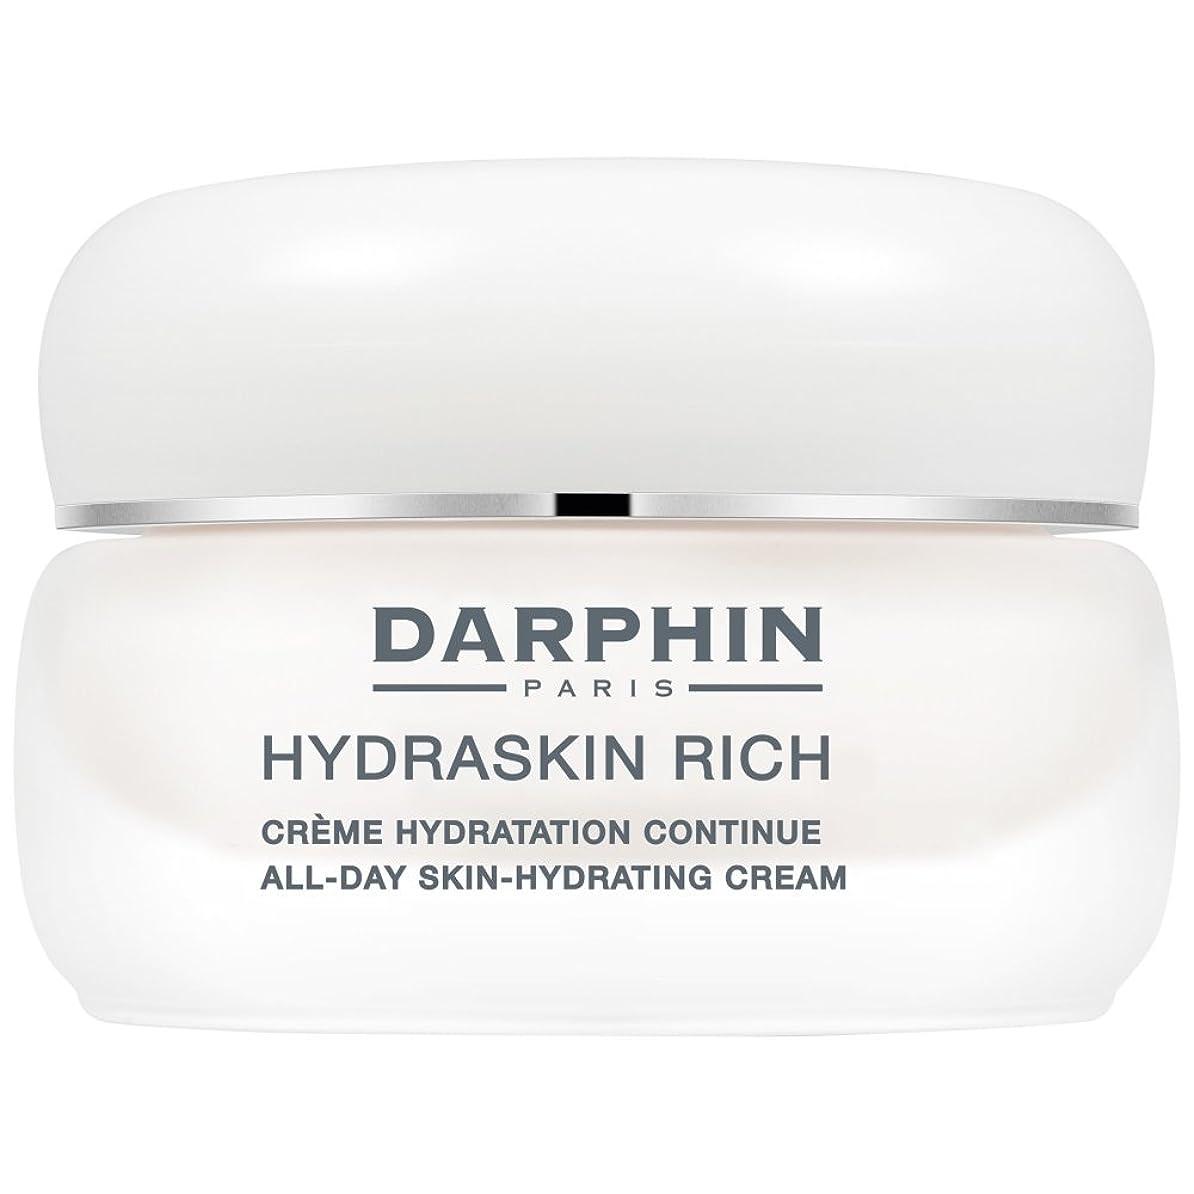 クリップ蝶原油ブレースダルファンリッチHydraskin、50ミリリットル (Darphin) - Darphin Hydraskin Rich, 50ml [並行輸入品]